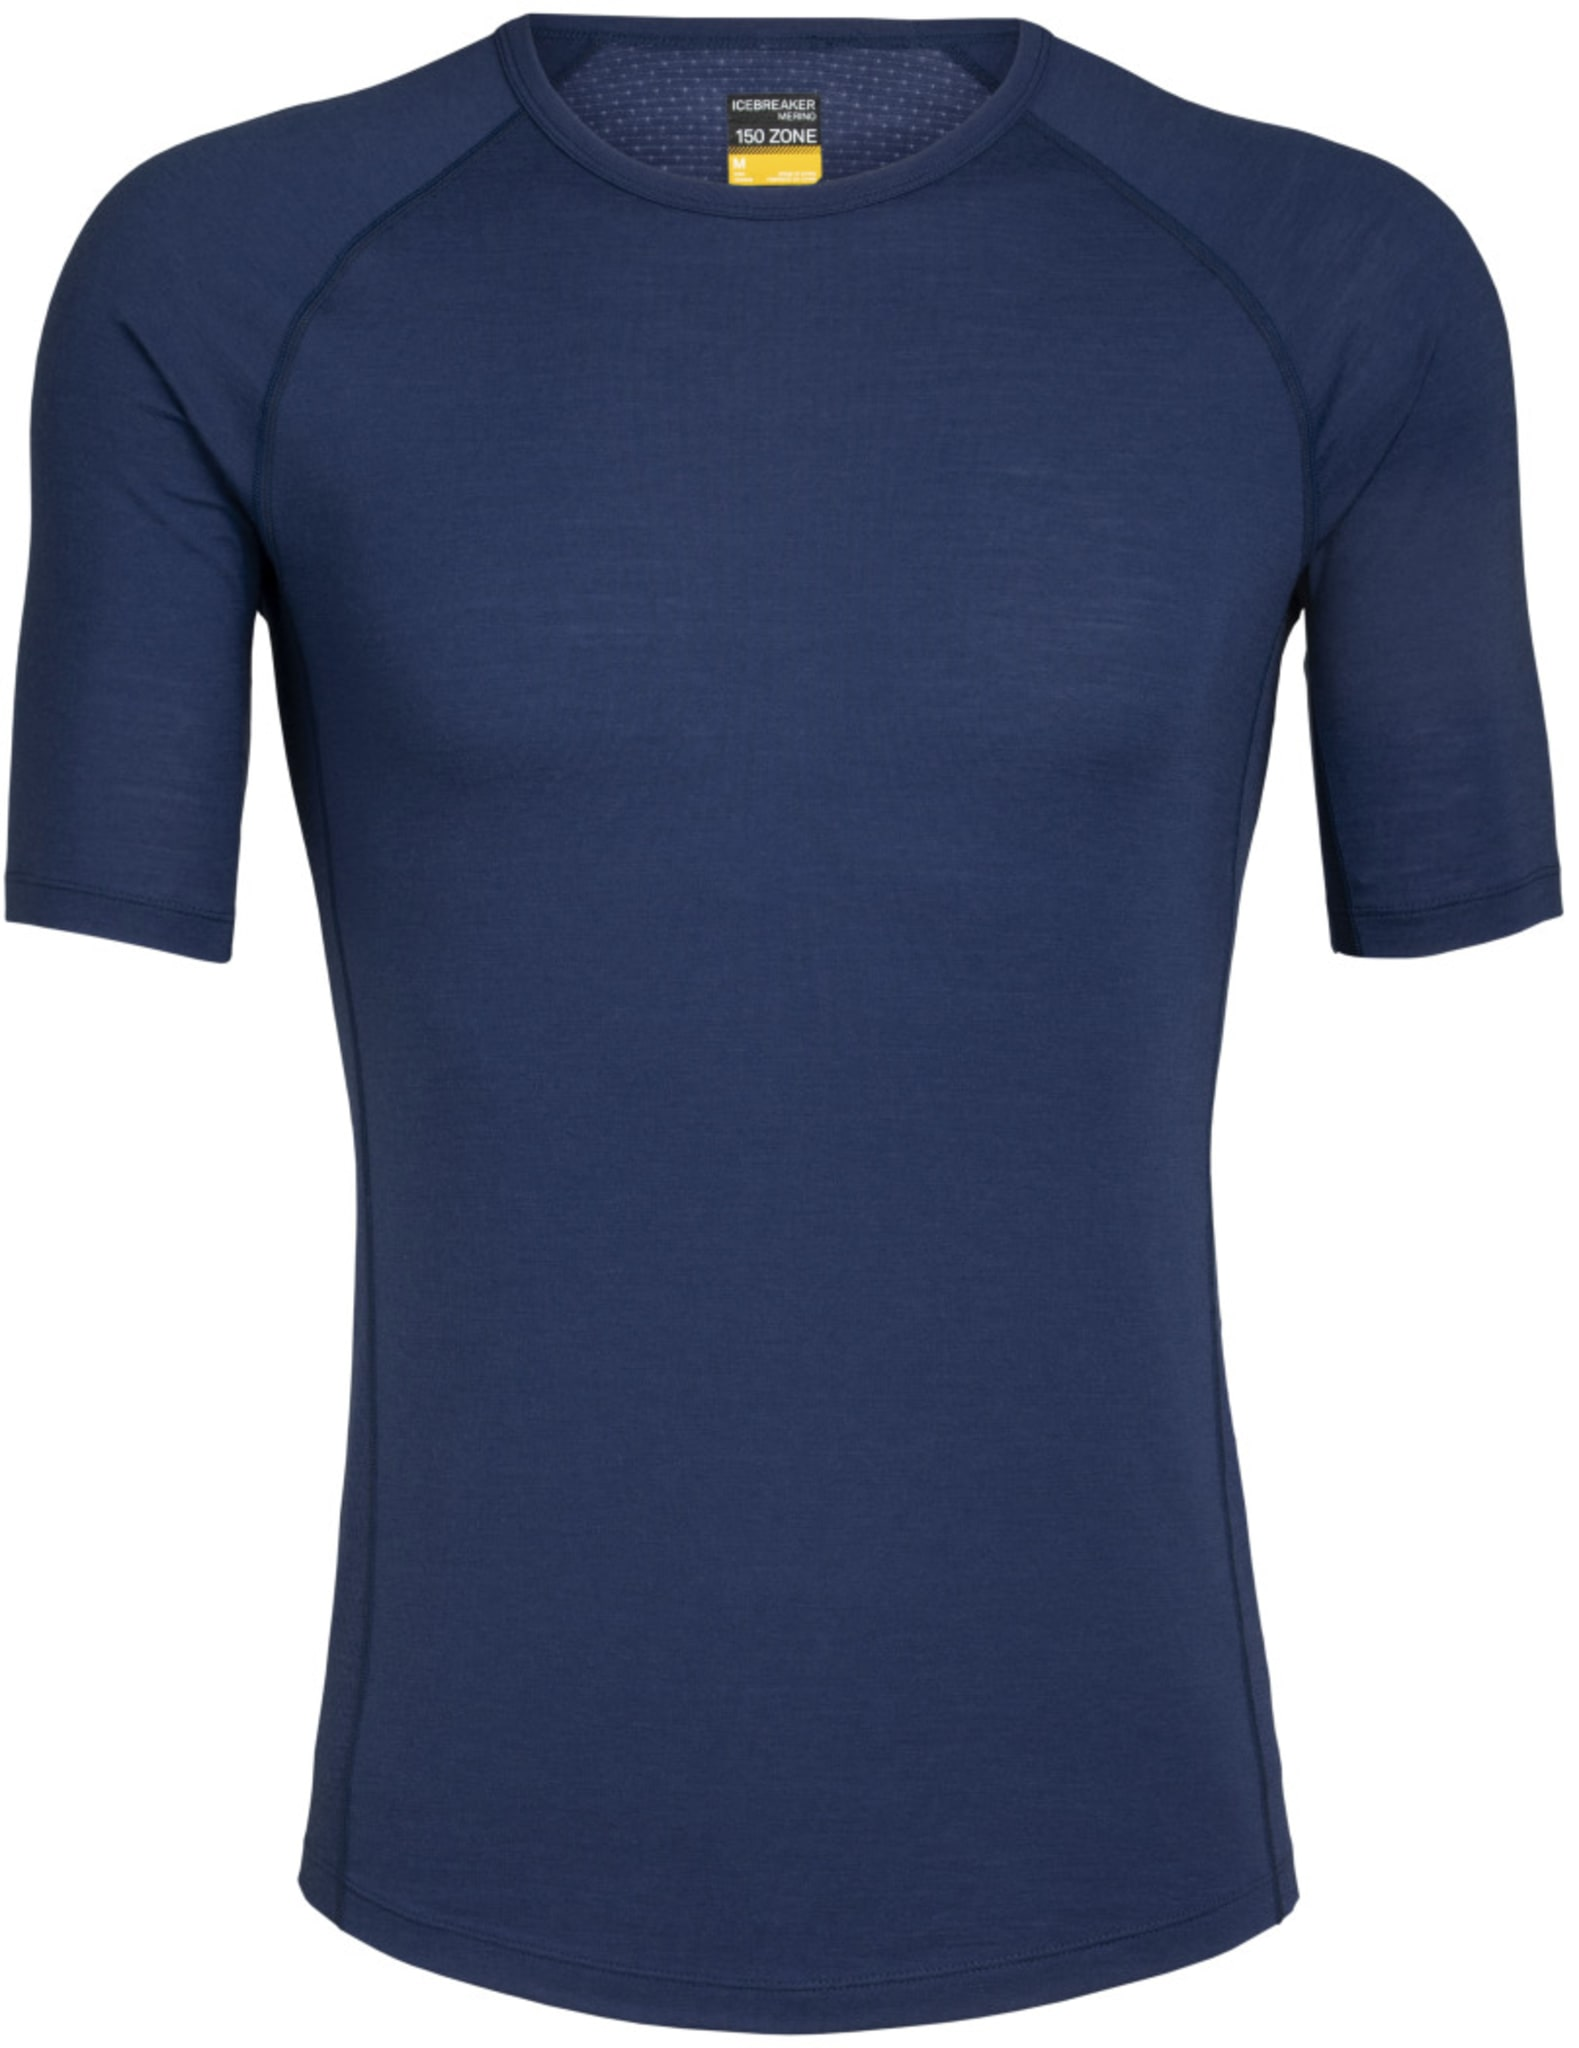 T-skjorte som kombinerer tynn ull og paneler med ullnetting